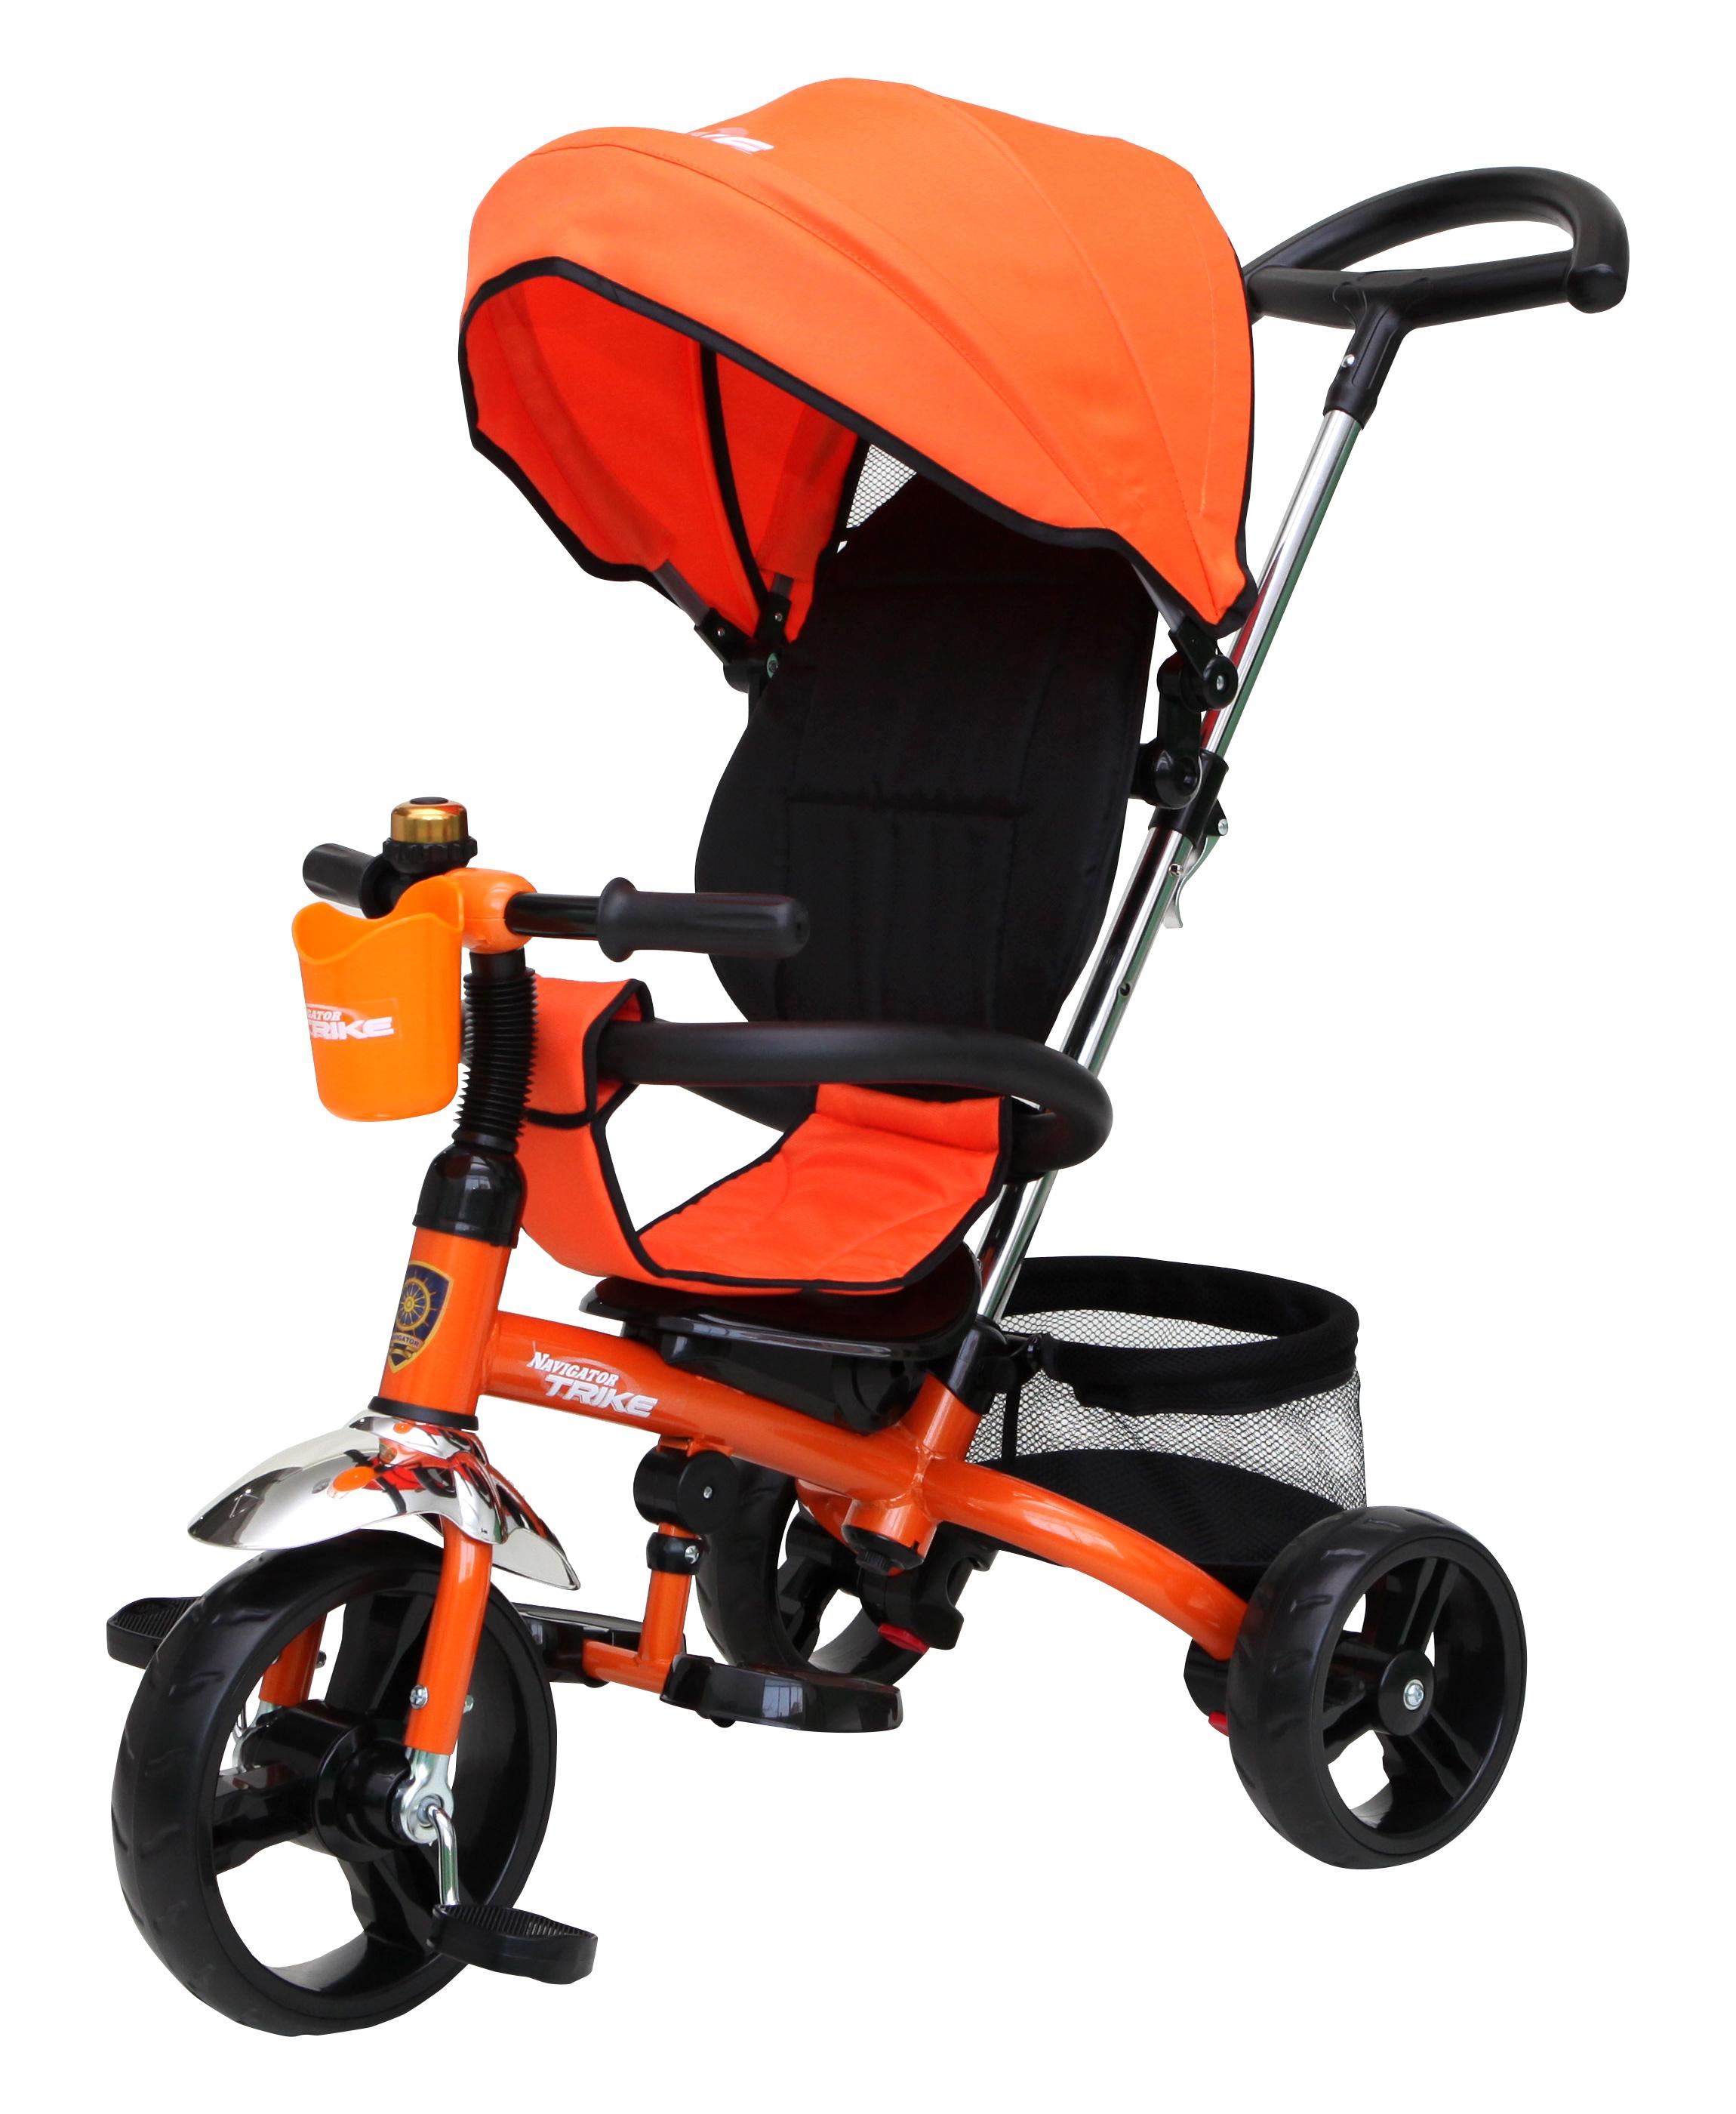 Navigator Трехколесный велосипед Lexus цвет черный оранжевый